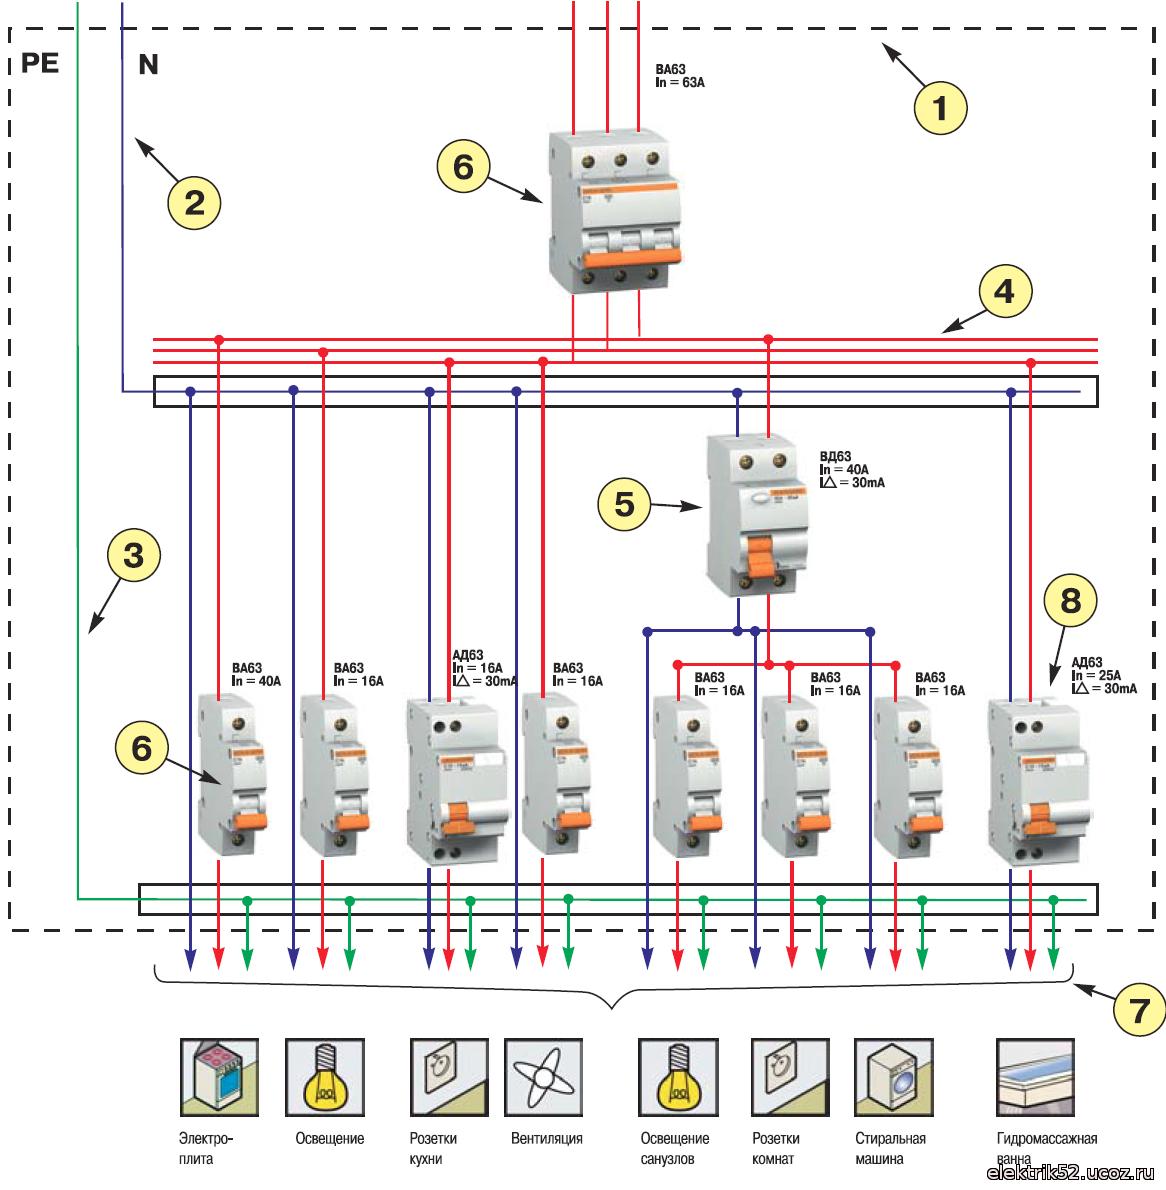 Схема распределительного щита с узо